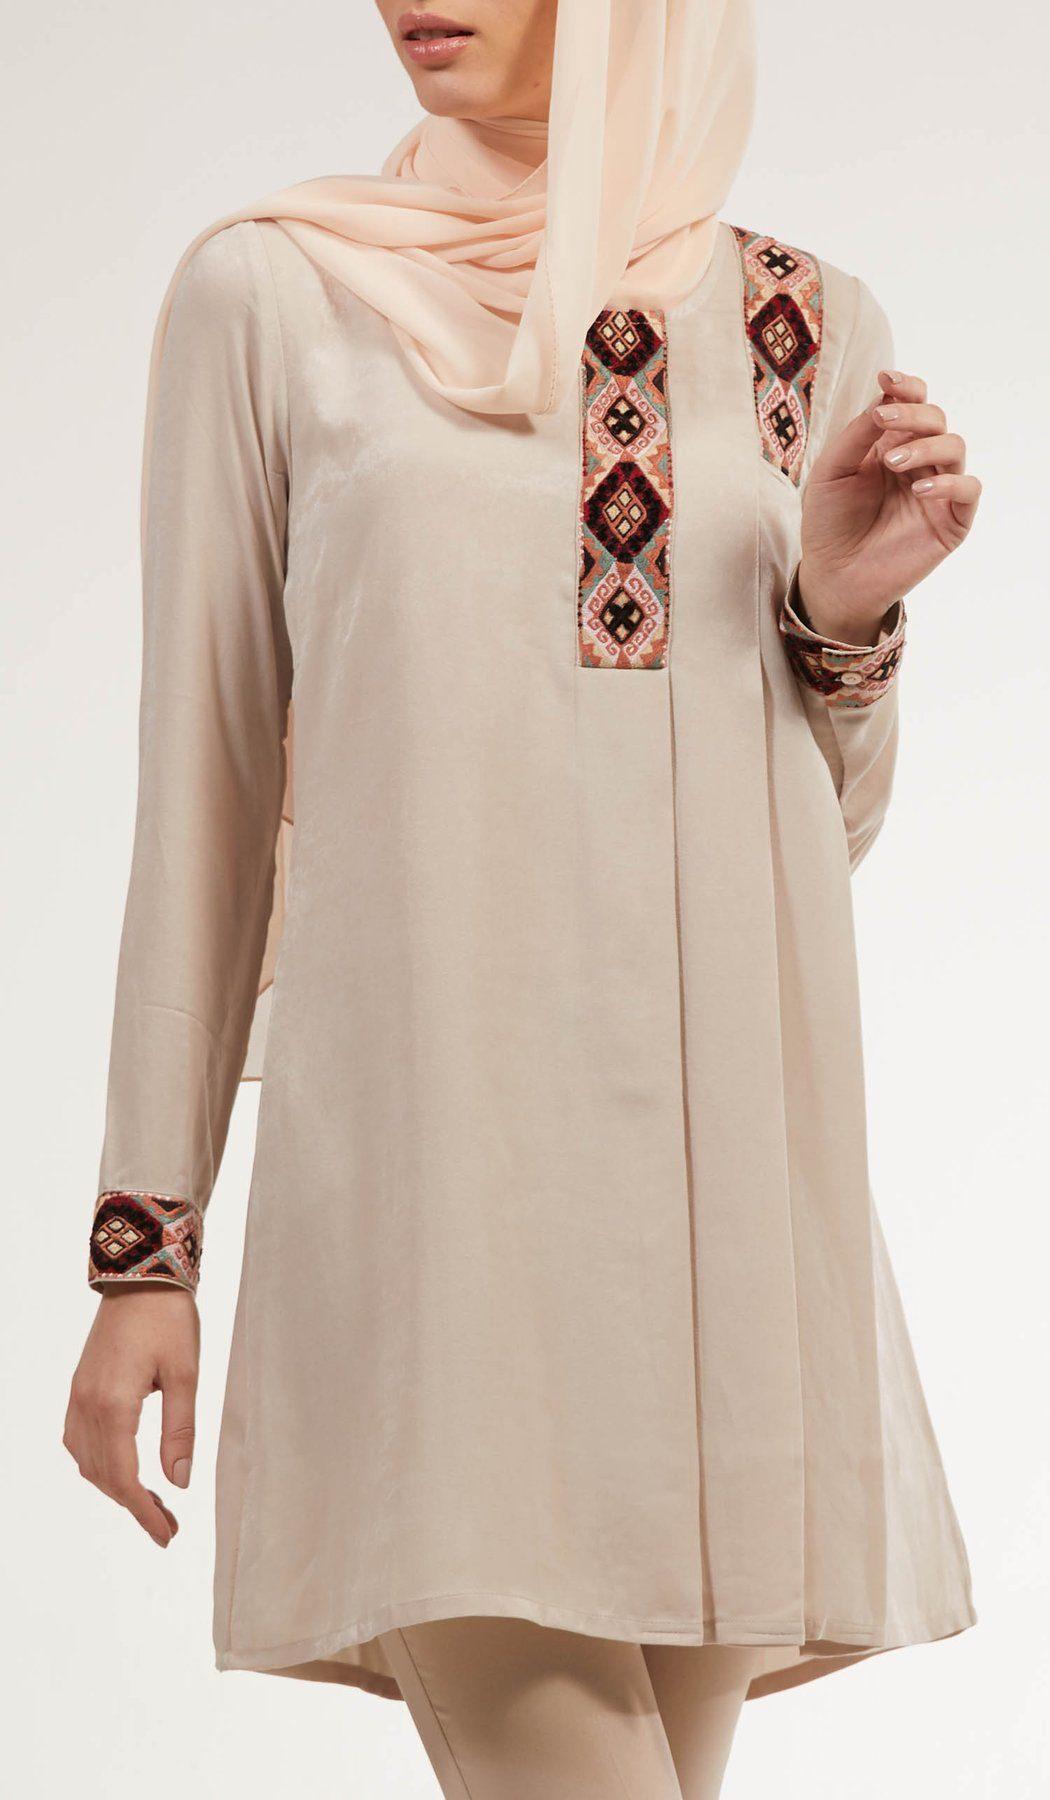 مدل مانتو با طرح سنتی ایرانی